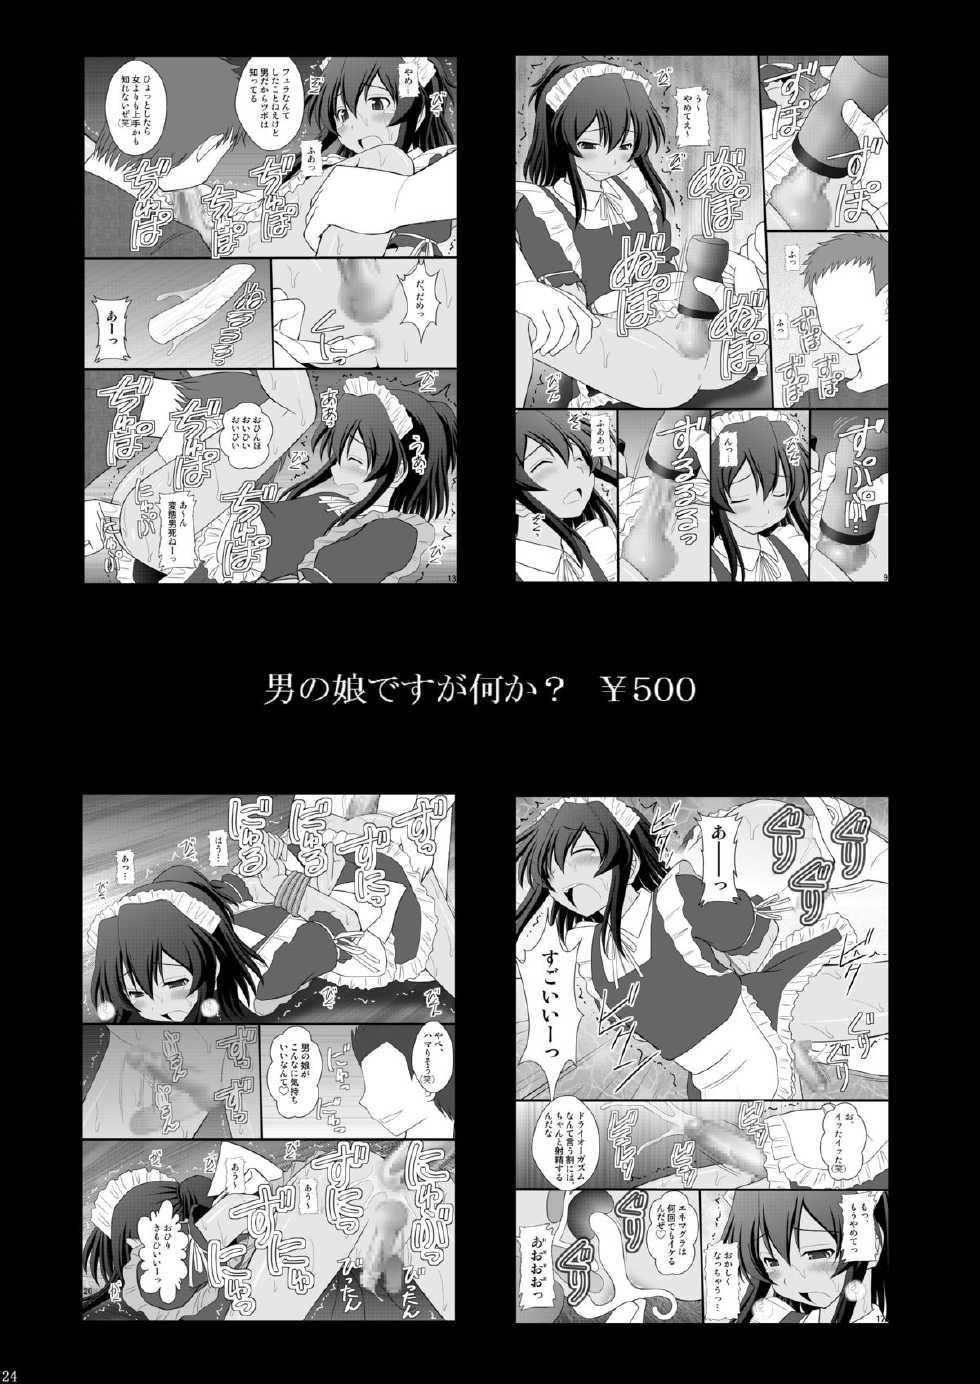 Seishinhoukai Surumade Kusugurimakutte Ryoujoku Shitemiru Test VI & VIII 52